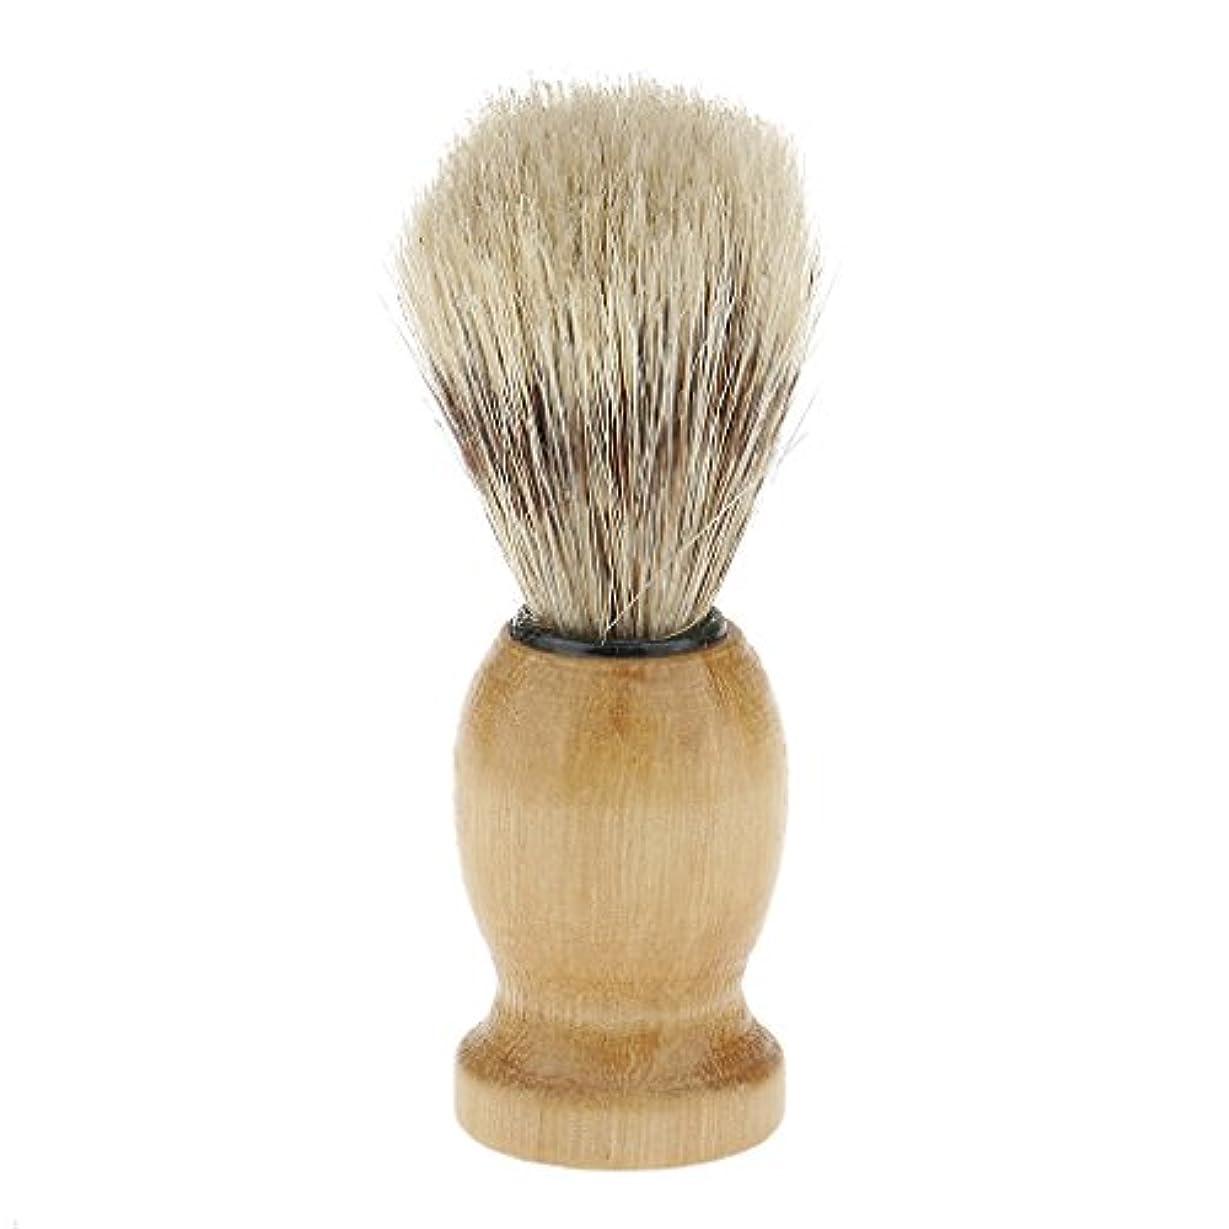 予想する分散配置Hellery 髭剃り ブラシ シェービングブラシ ひげブラシ サロン 柔らかい 理容 便携 全2色 - イエロー+ブラック